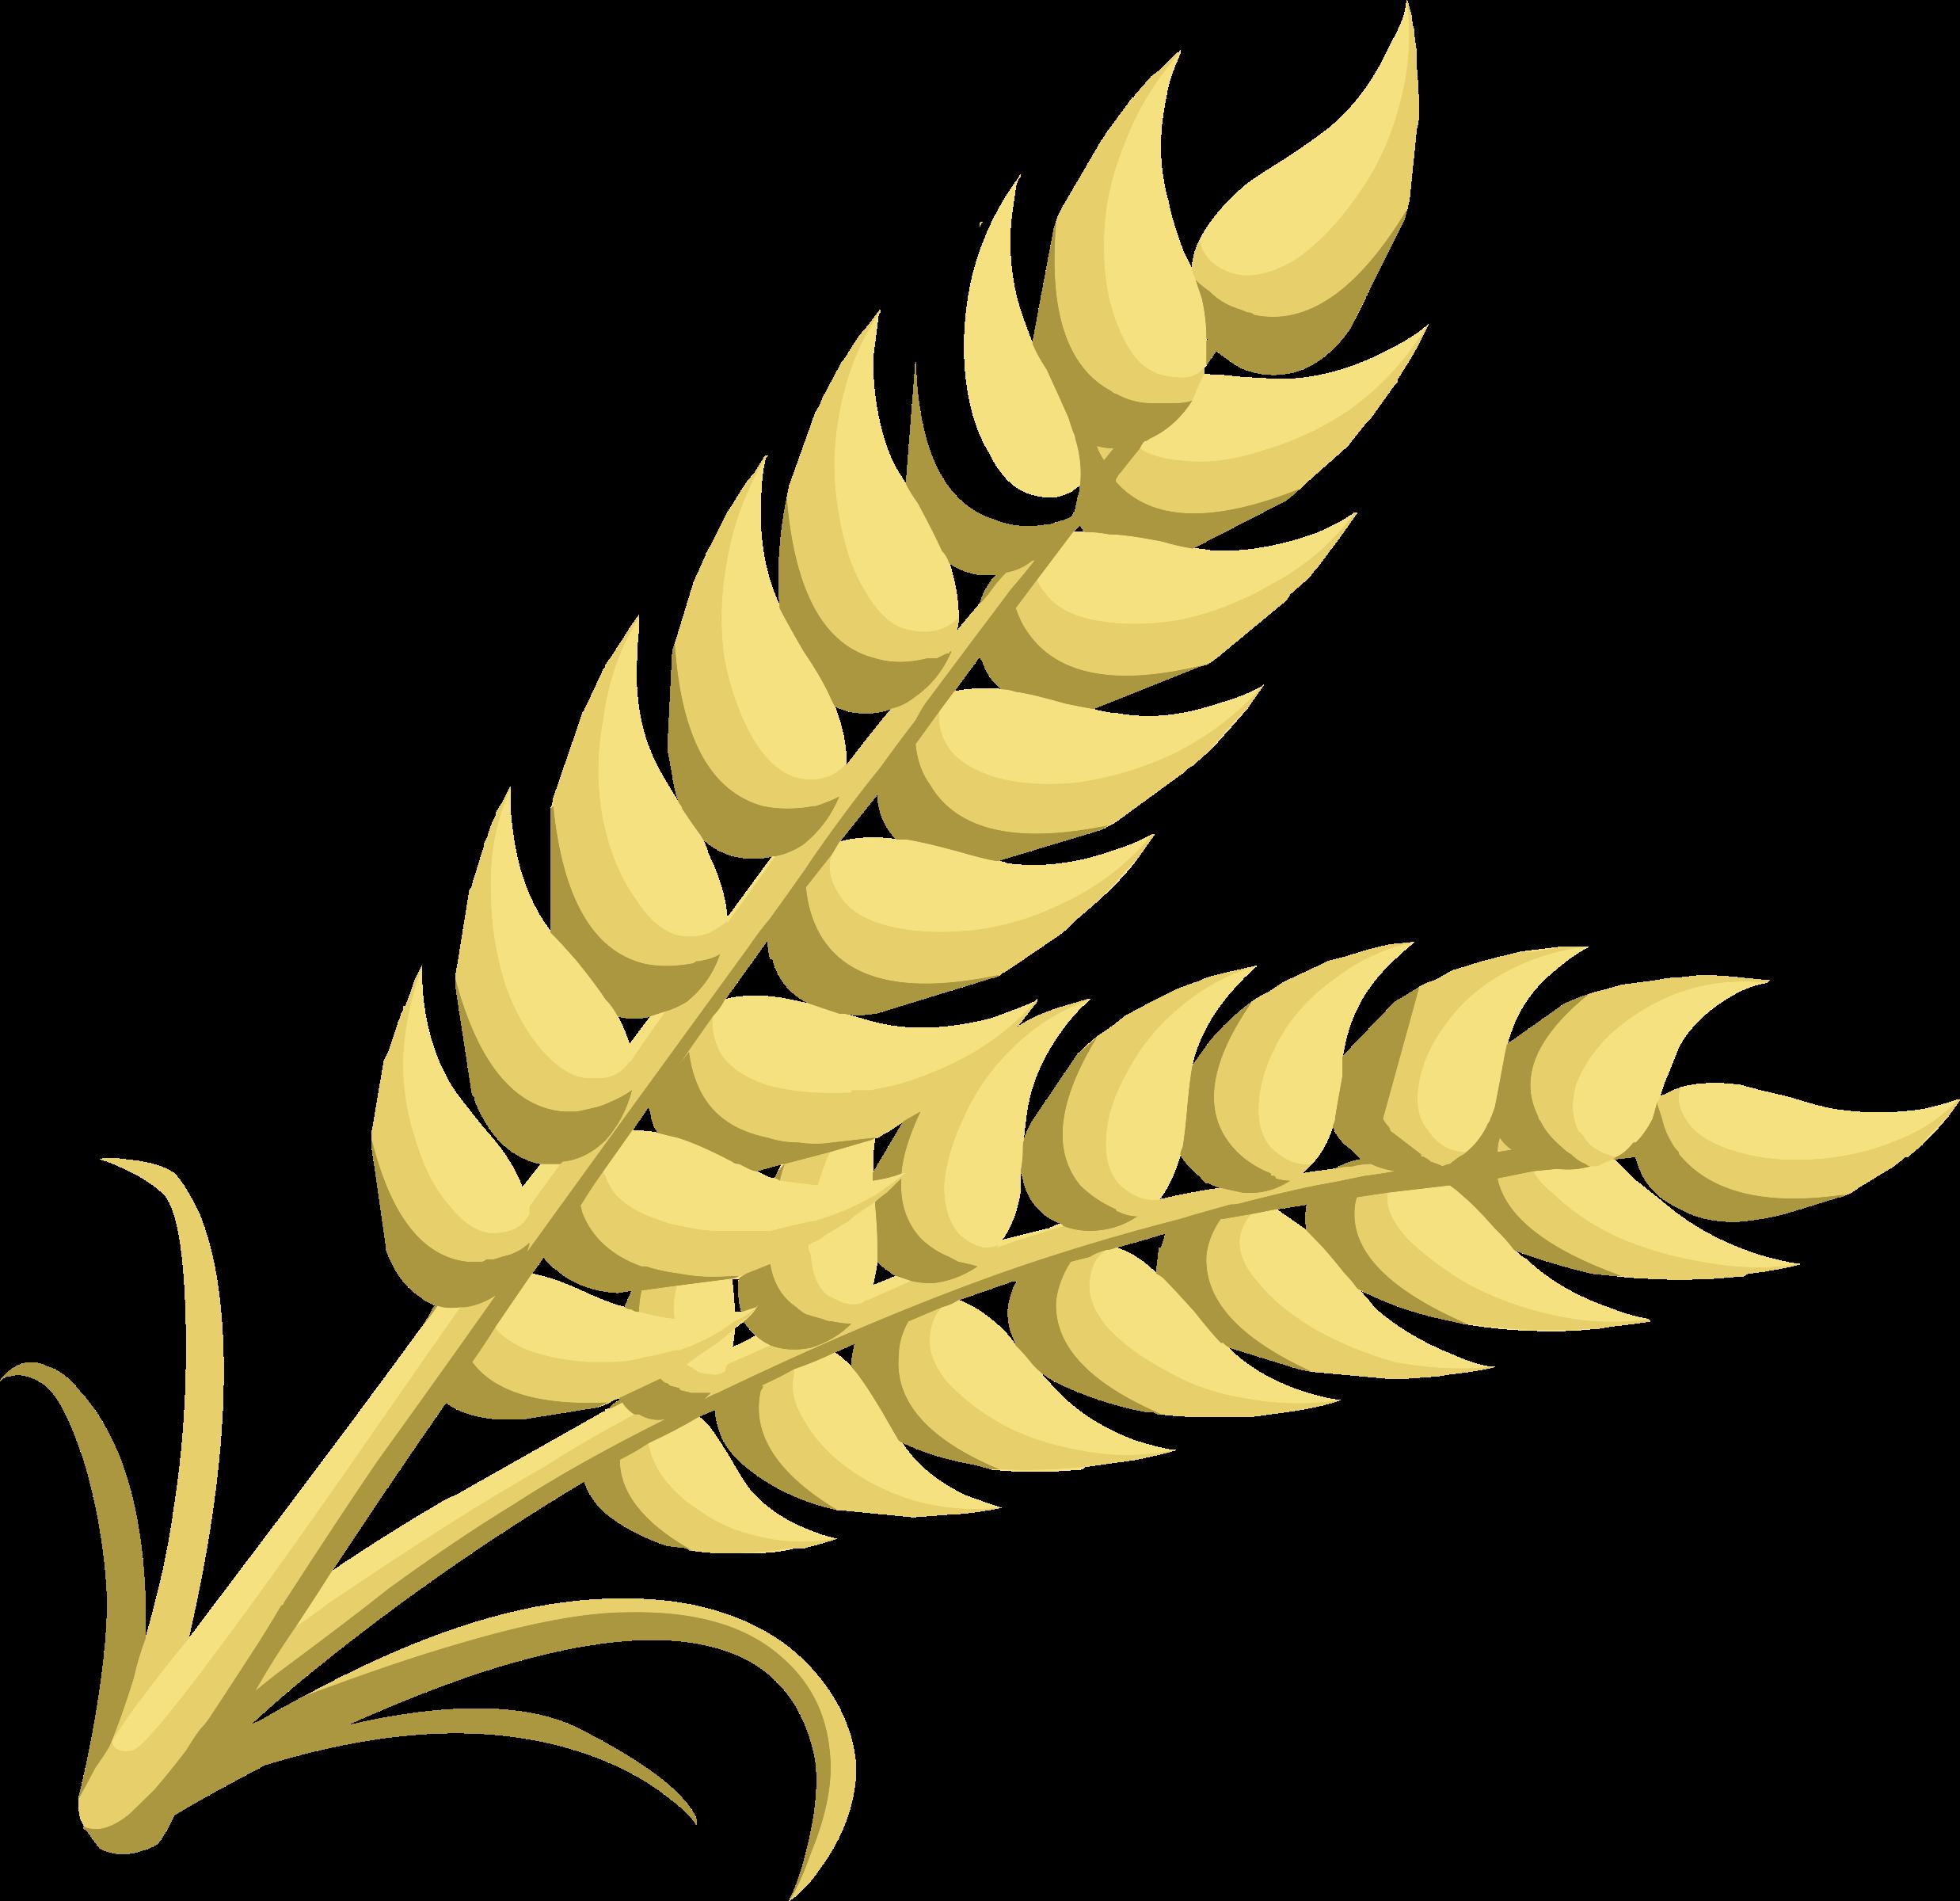 Grain clipart #9, Download drawings